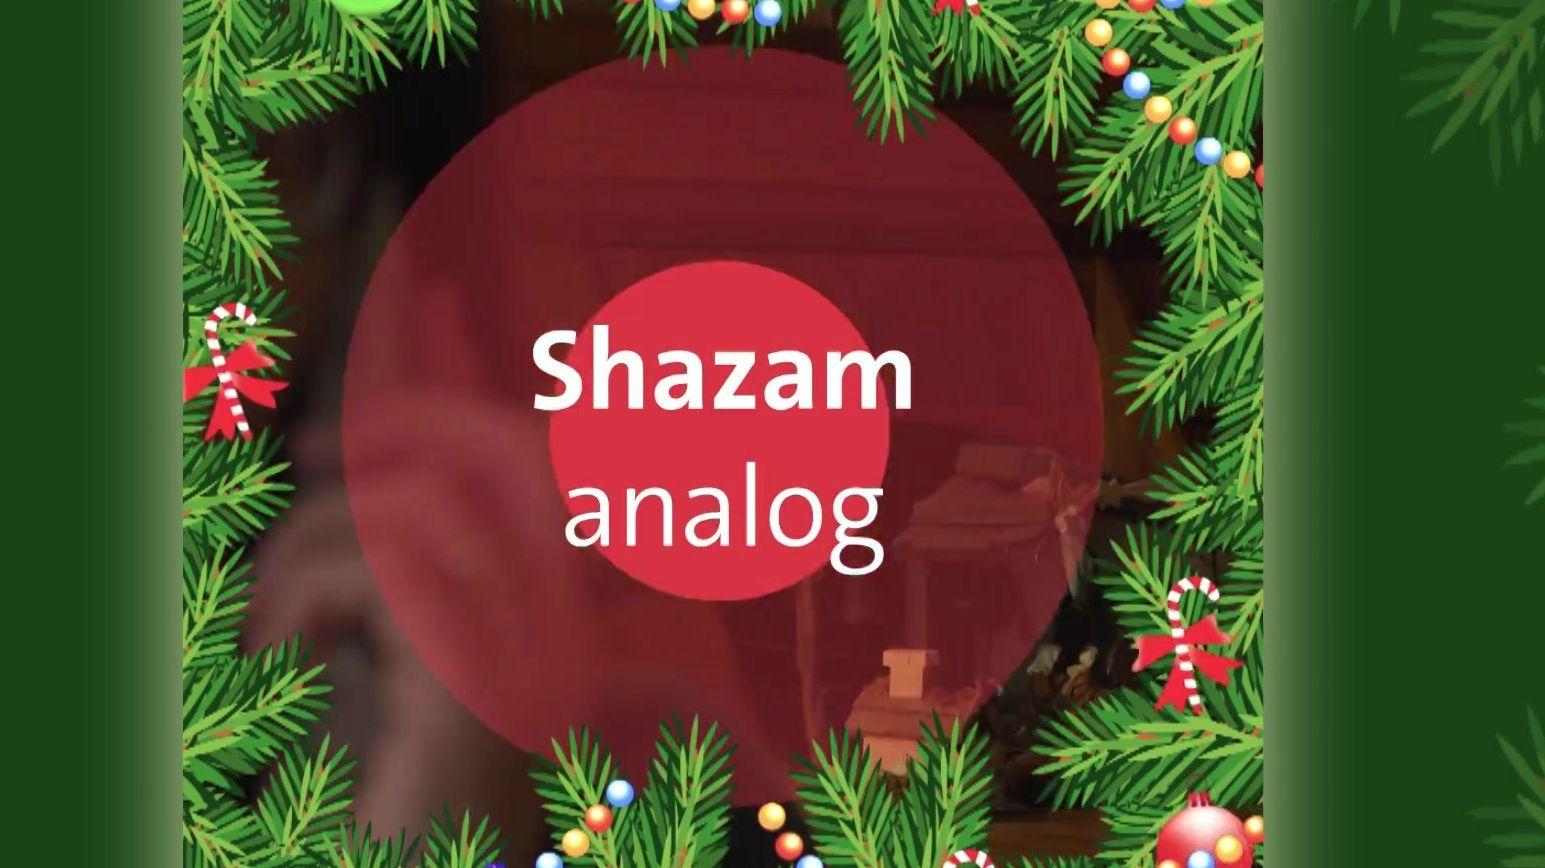 Shazam analog – beim Büro für Weihnachtslieder